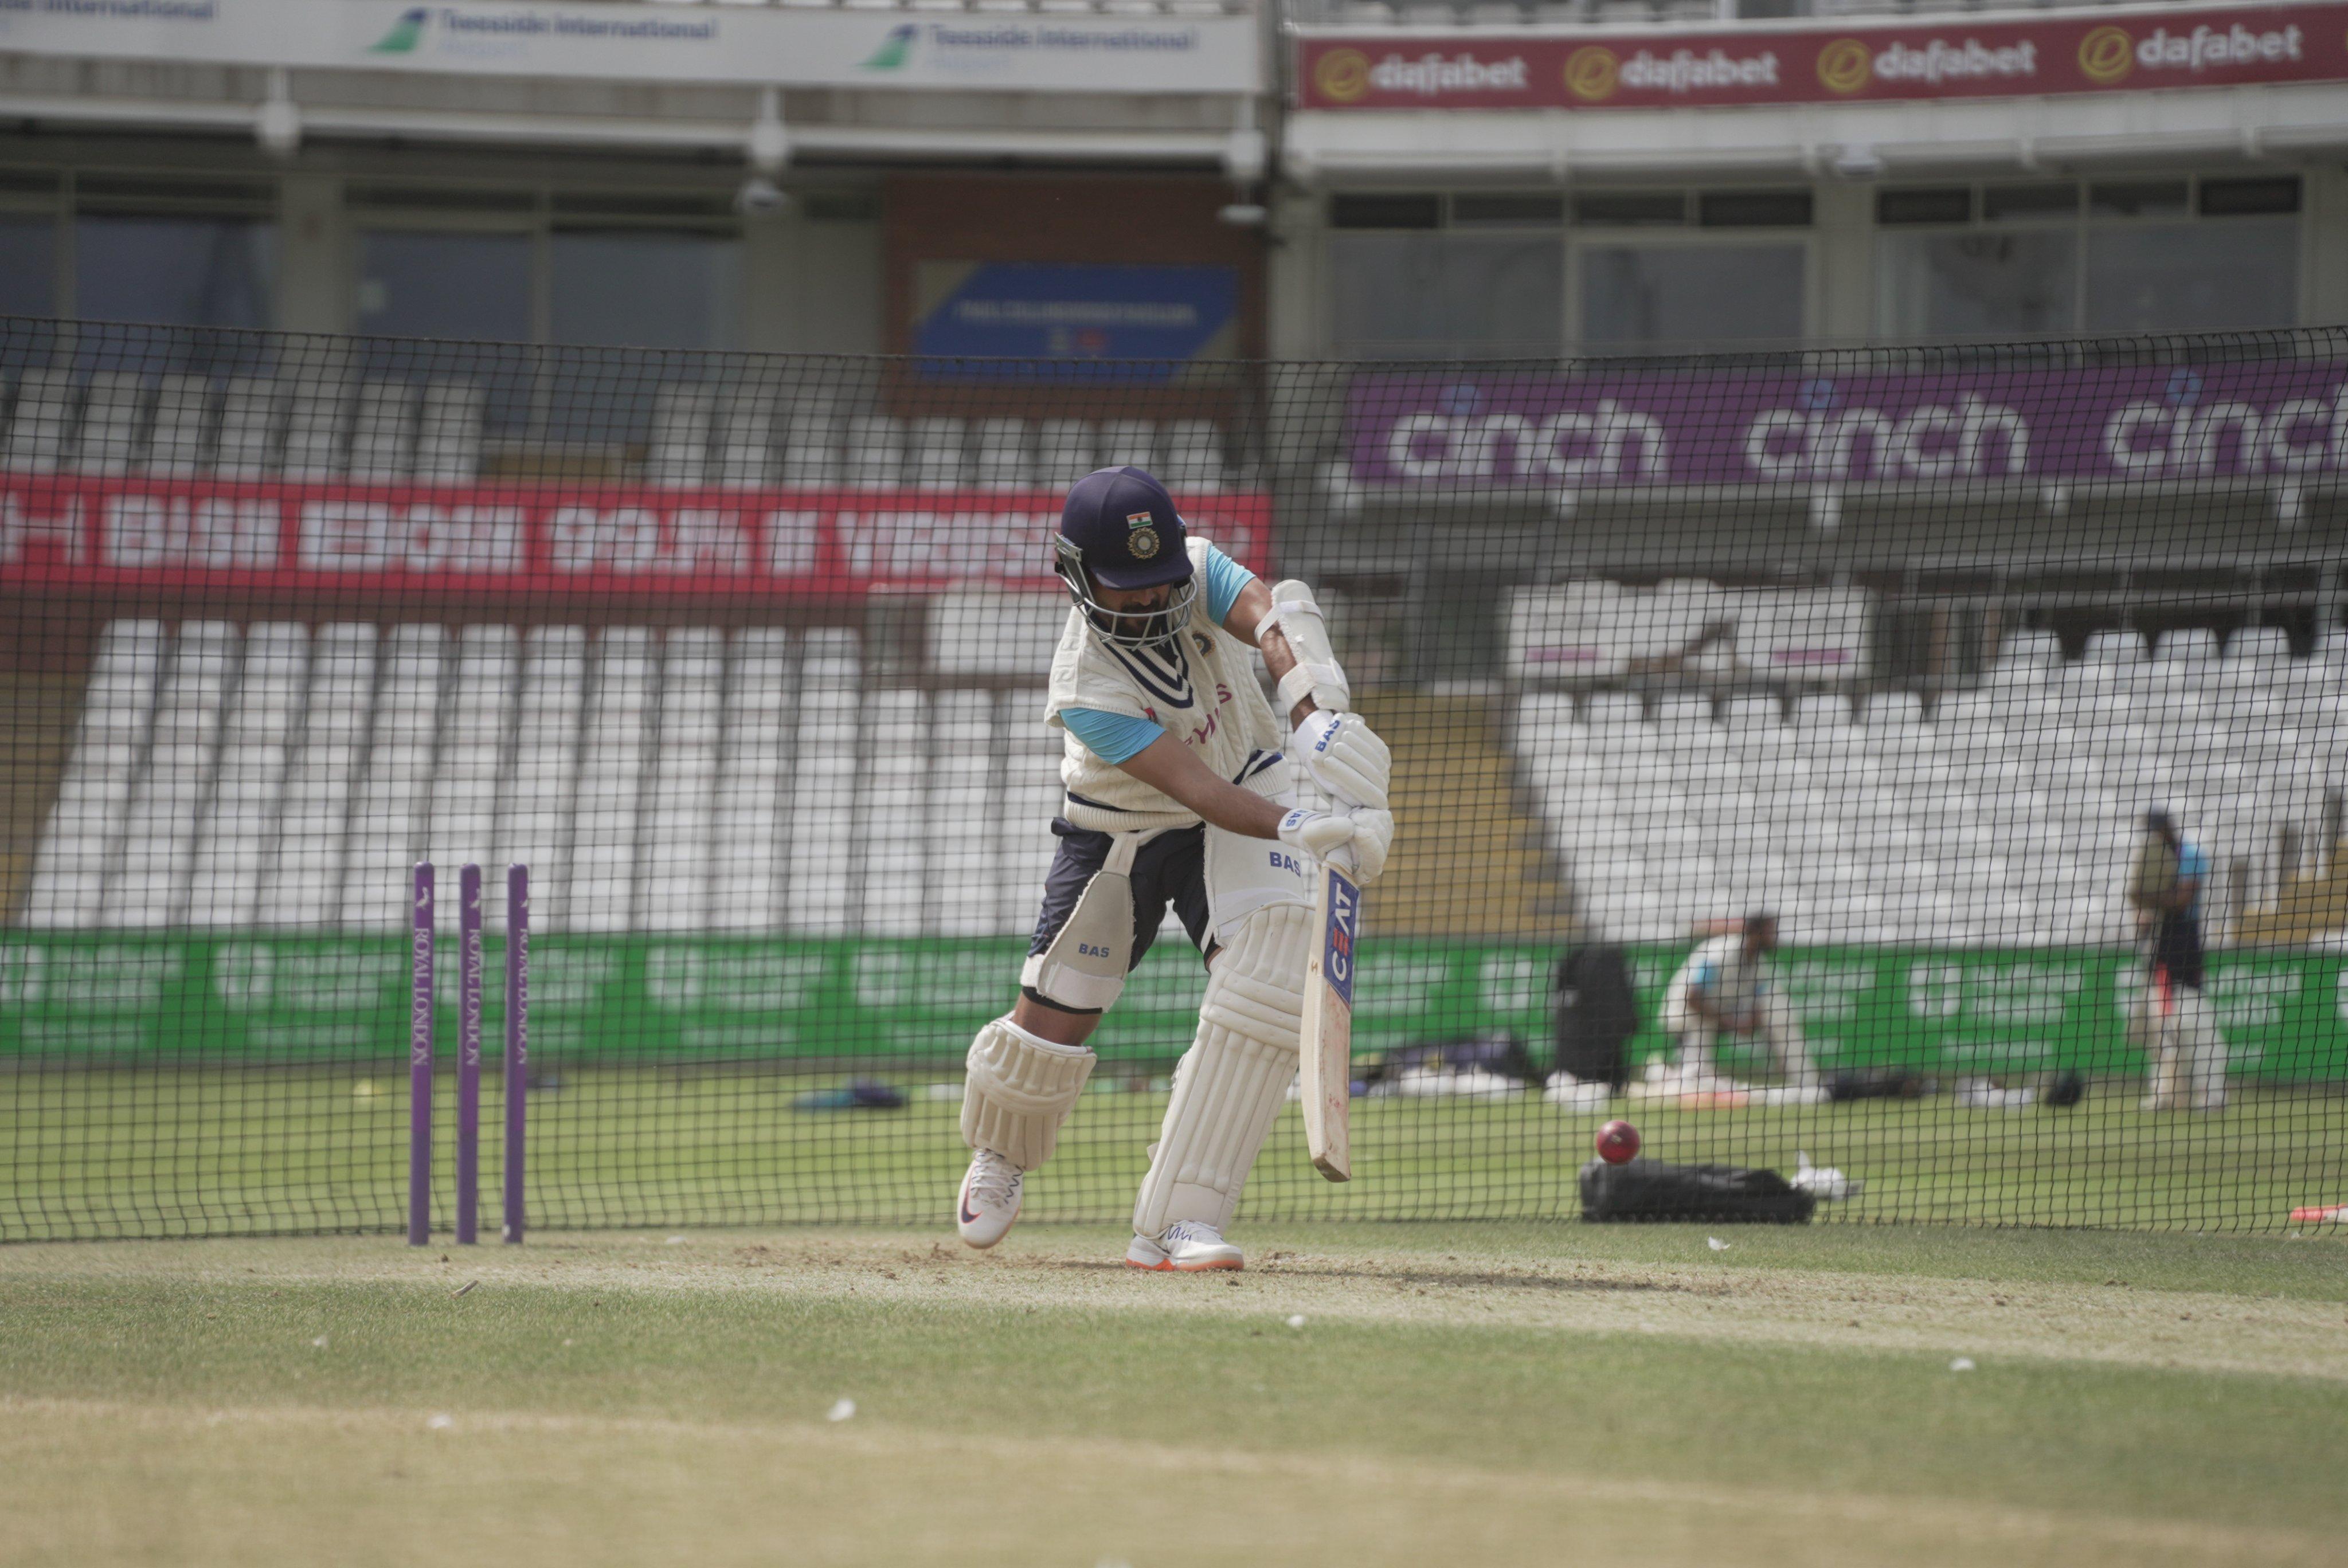 ইংল্যান্ডের বিরুদ্ধে পাঁচ ম্যাচের টেস্ট সিরিজ খেলবে ভারত।